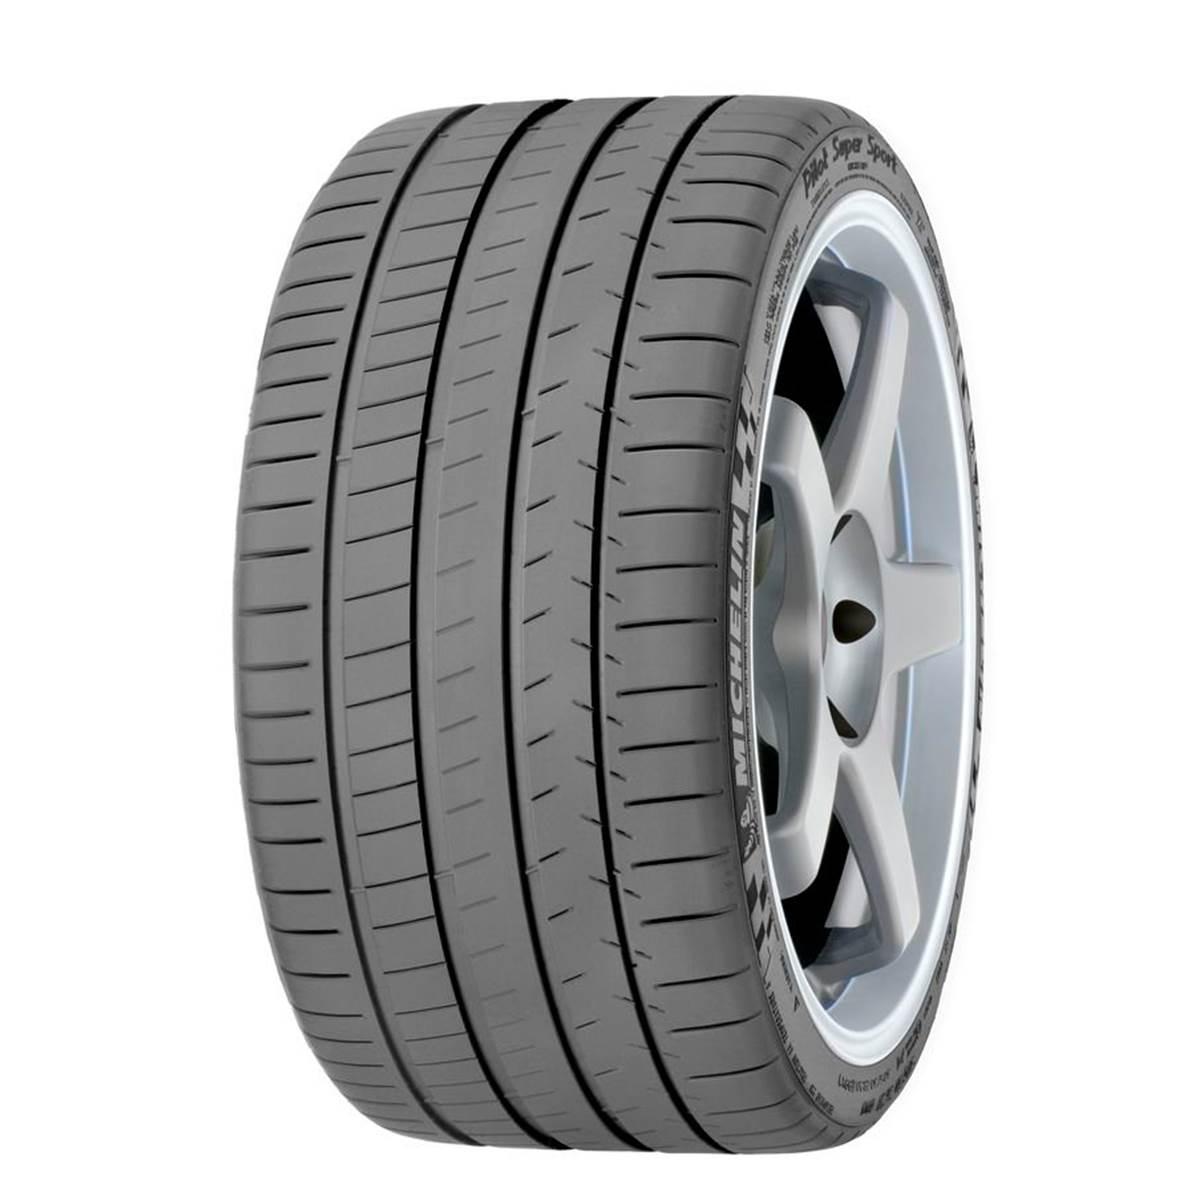 Comparer les prix des pneus Michelin Pilot Super Sport